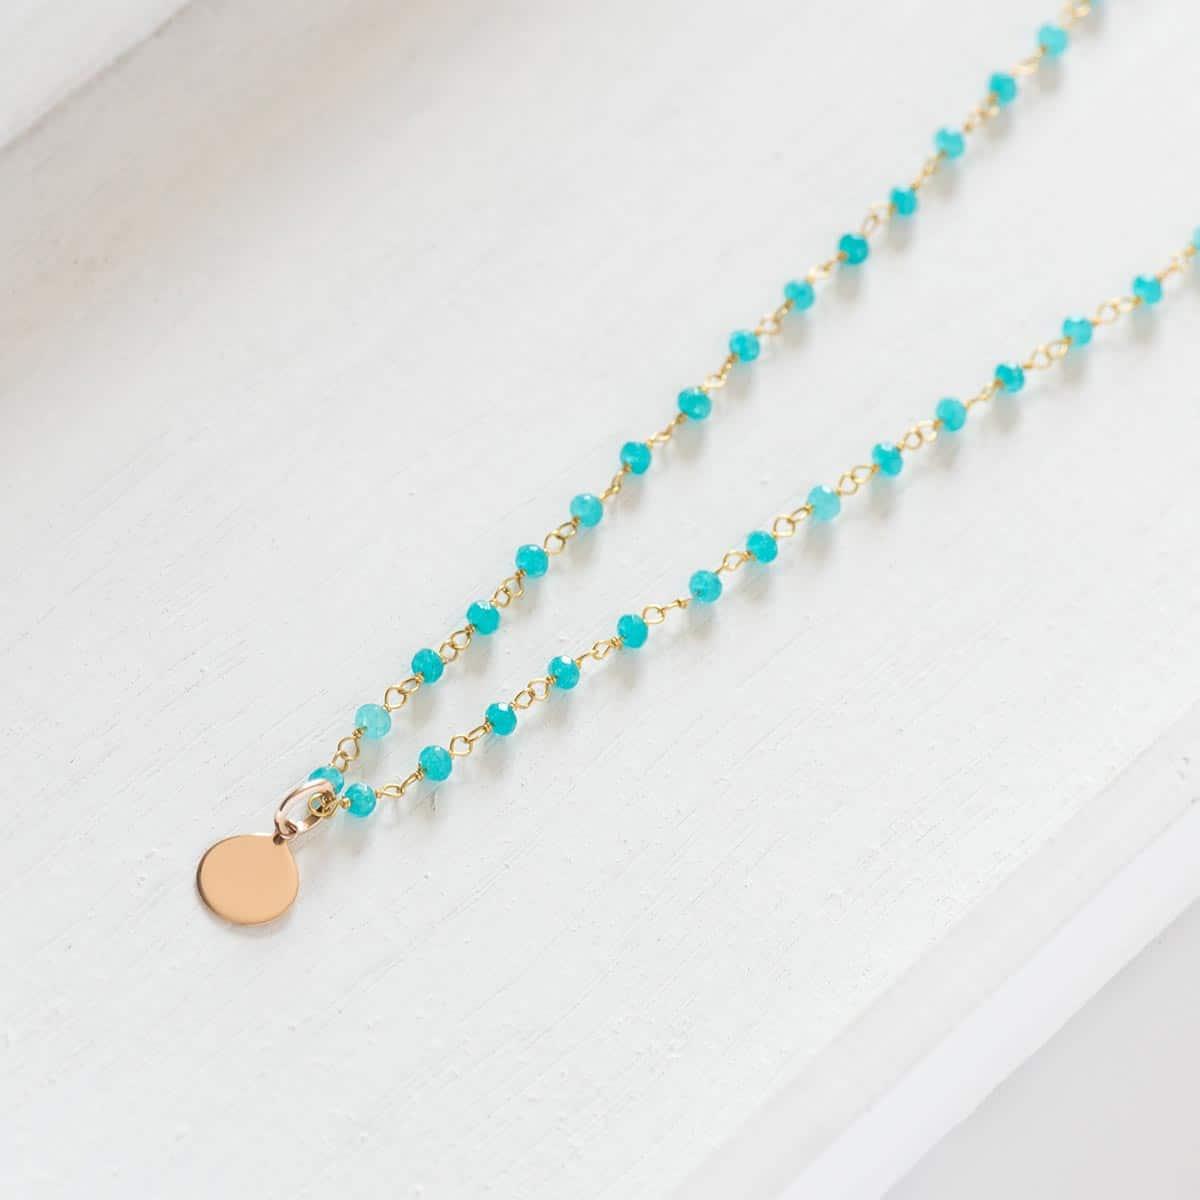 photos officielles 3a35b 2541d Zoom tendance : les bijoux colorés pour l'été - Atelier de ...